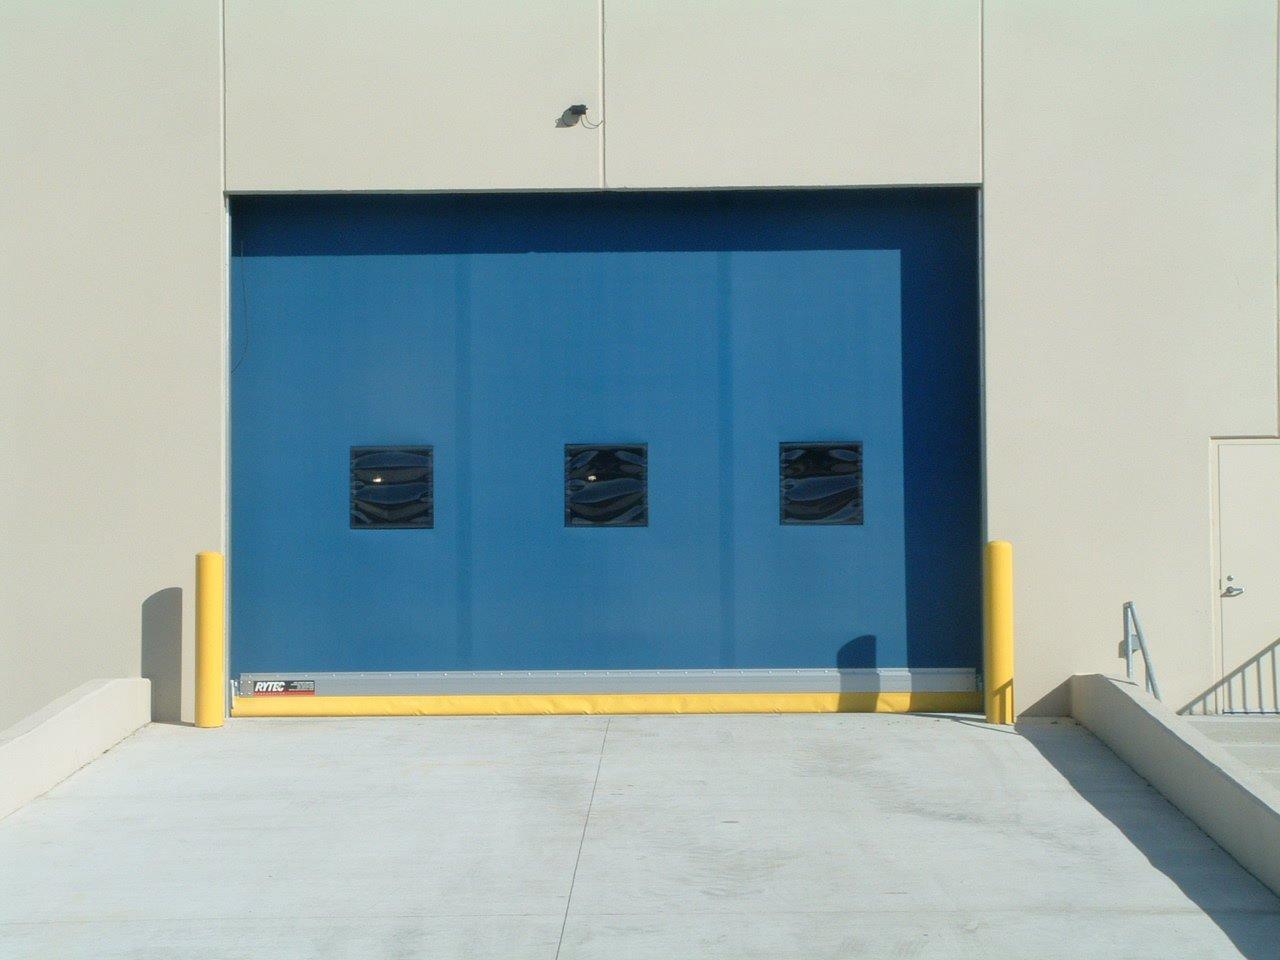 Rytec Fast Seal FS3000 Full Vision Clear Door 243